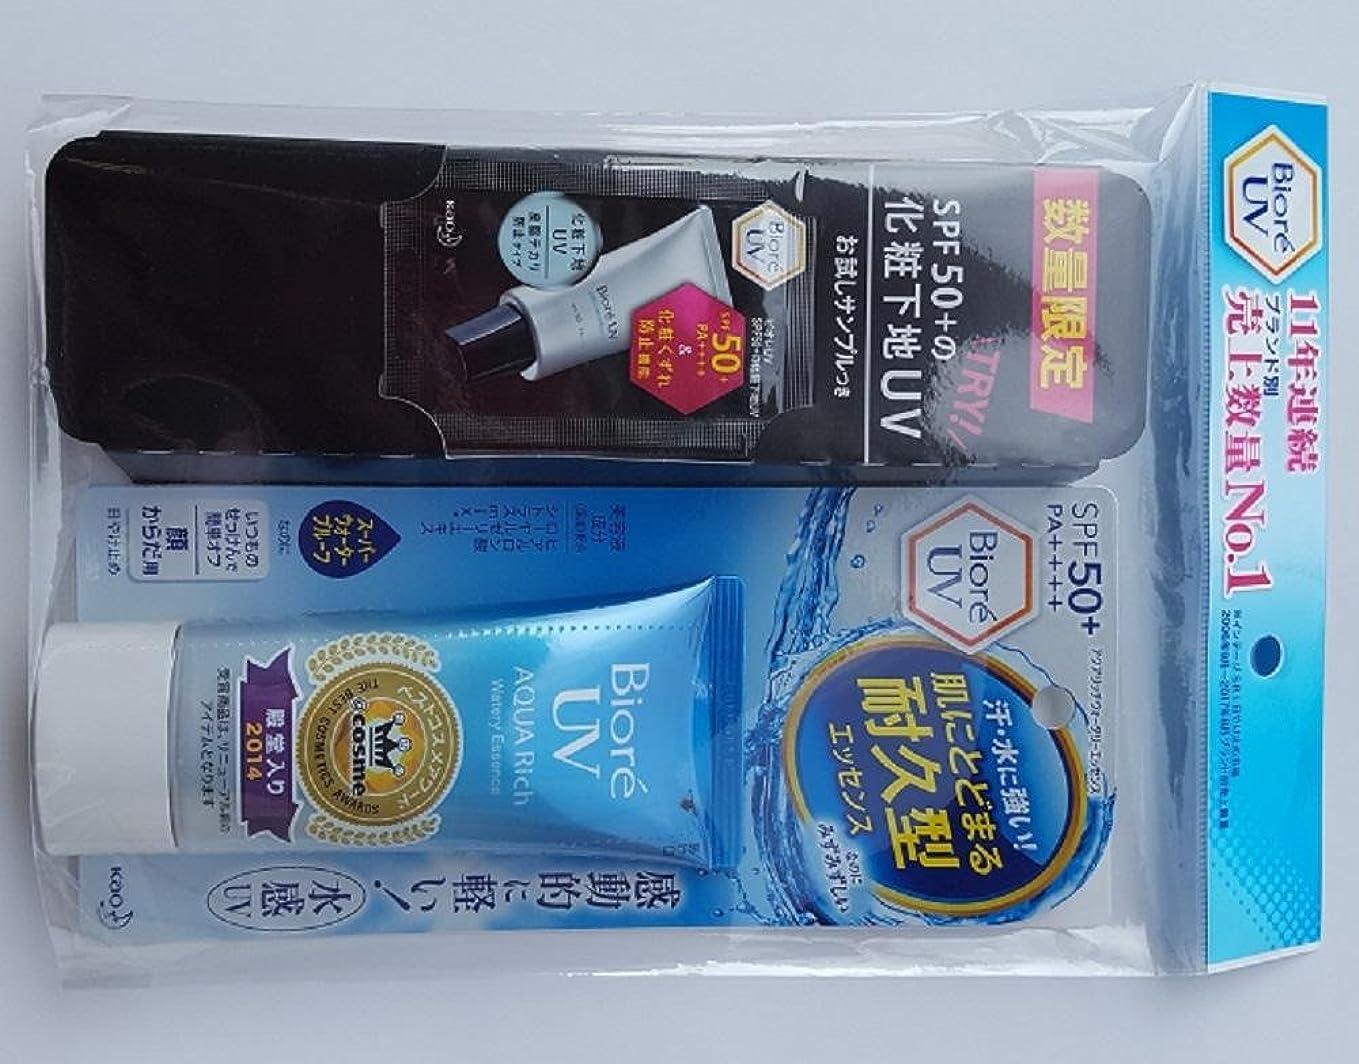 アトム褐色常識ビオレ UV アクアリッチ ウォータリーエッセンス SPF50+/PA++++ 50g +ビオレ UV 化粧下地UV 皮脂テカリ防止(試供品)1回分付き